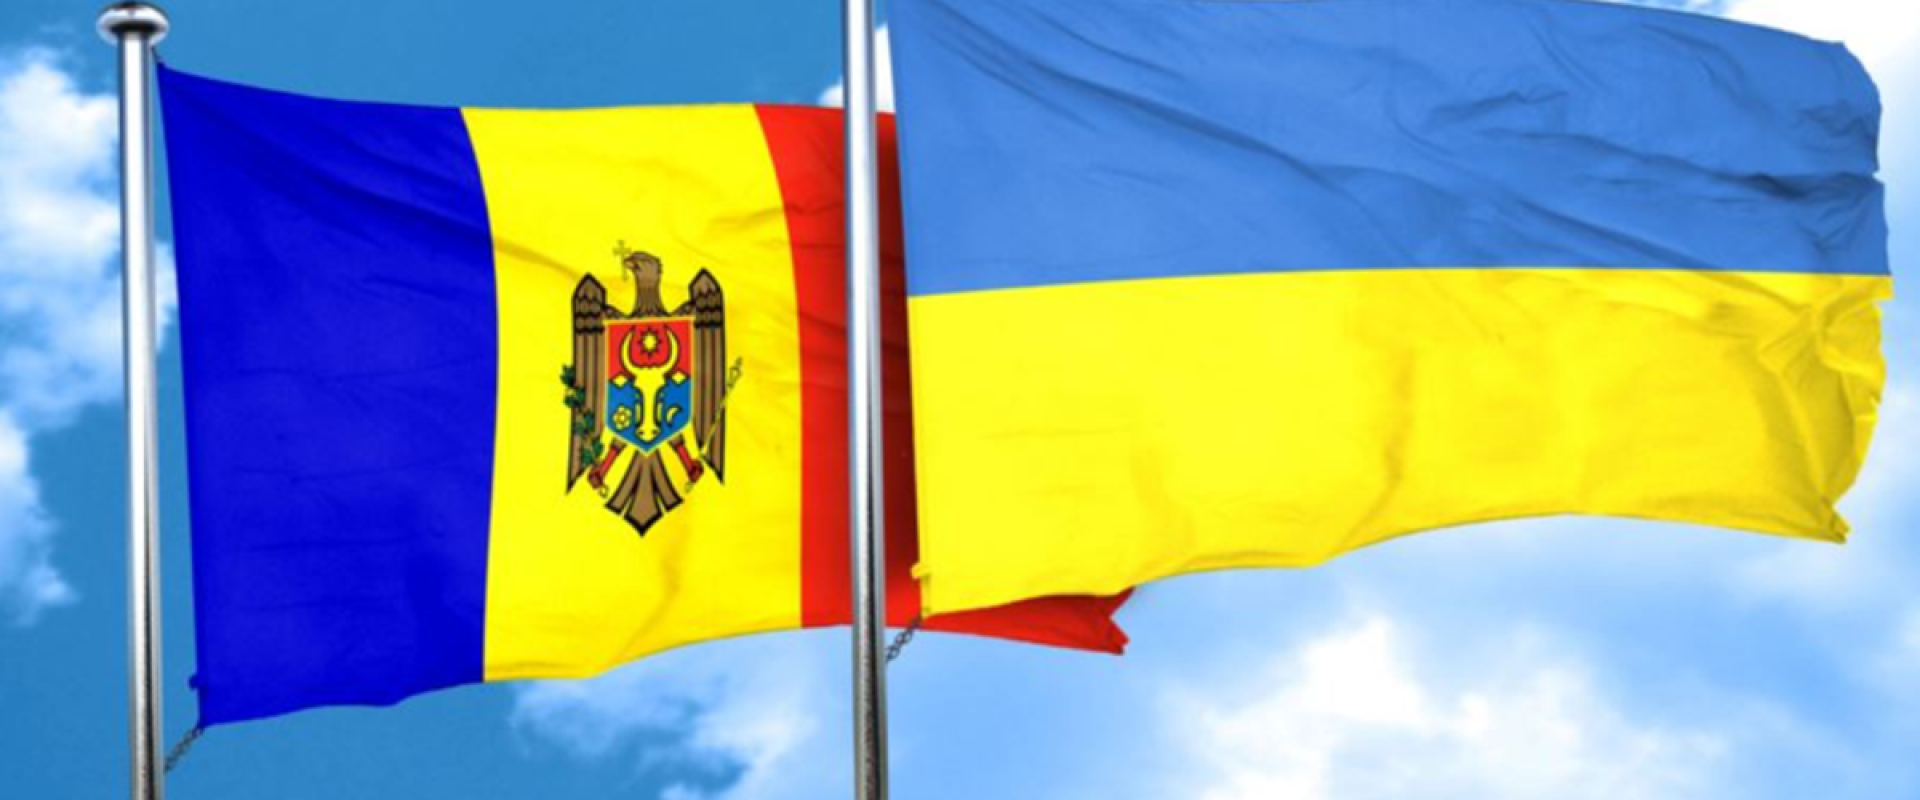 """Condițiile de călătorie în Ucraina. Republica Moldova a fost inclusă pe lista țărilor din """"zona verde"""""""